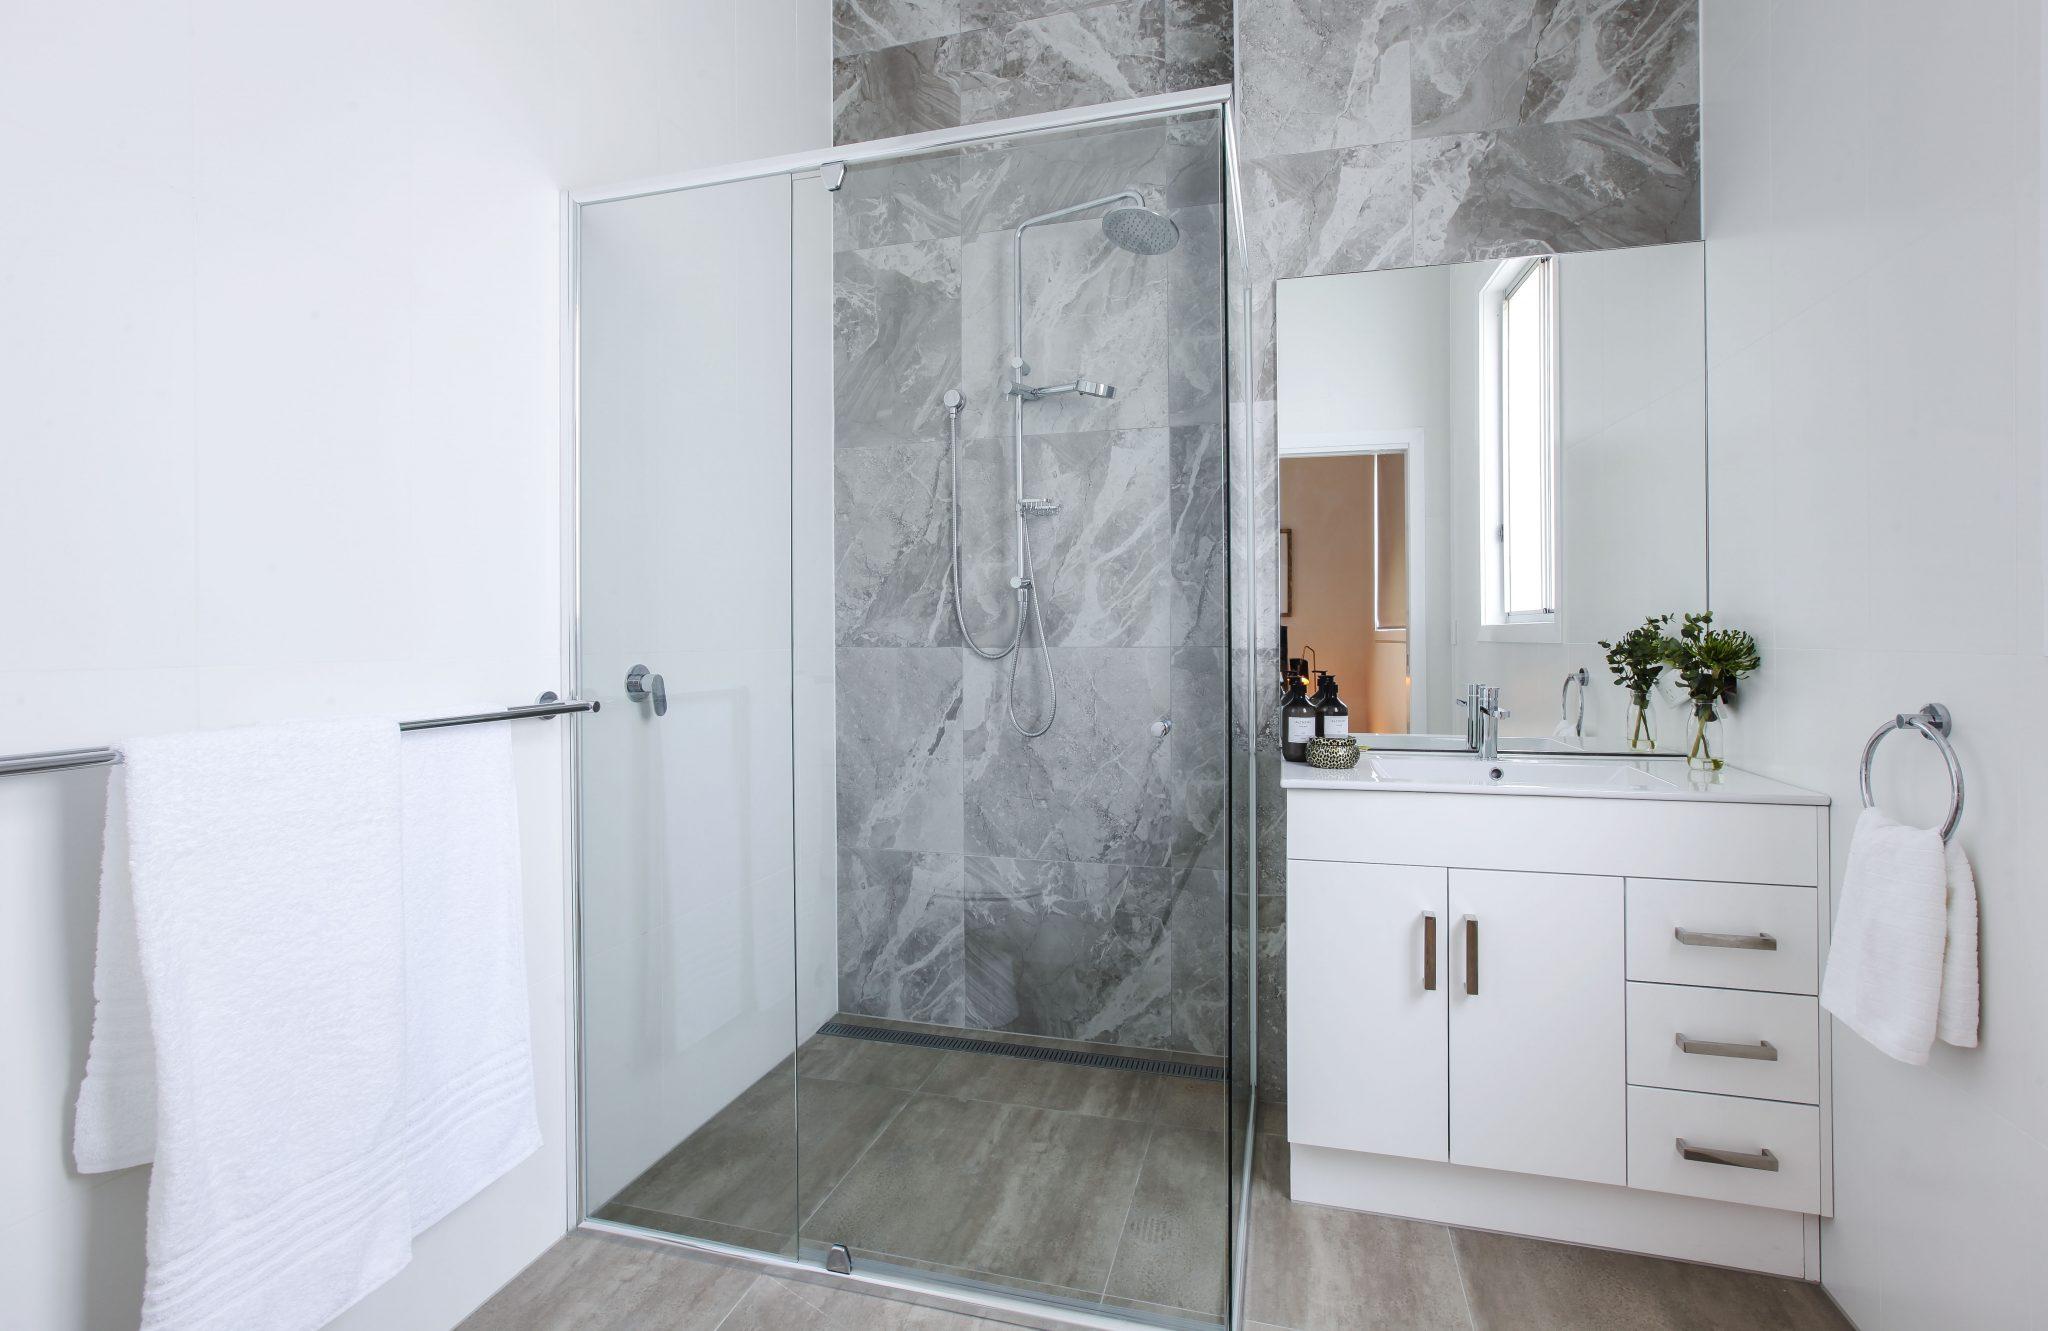 Bathroom Renovations Gold Coast 2019